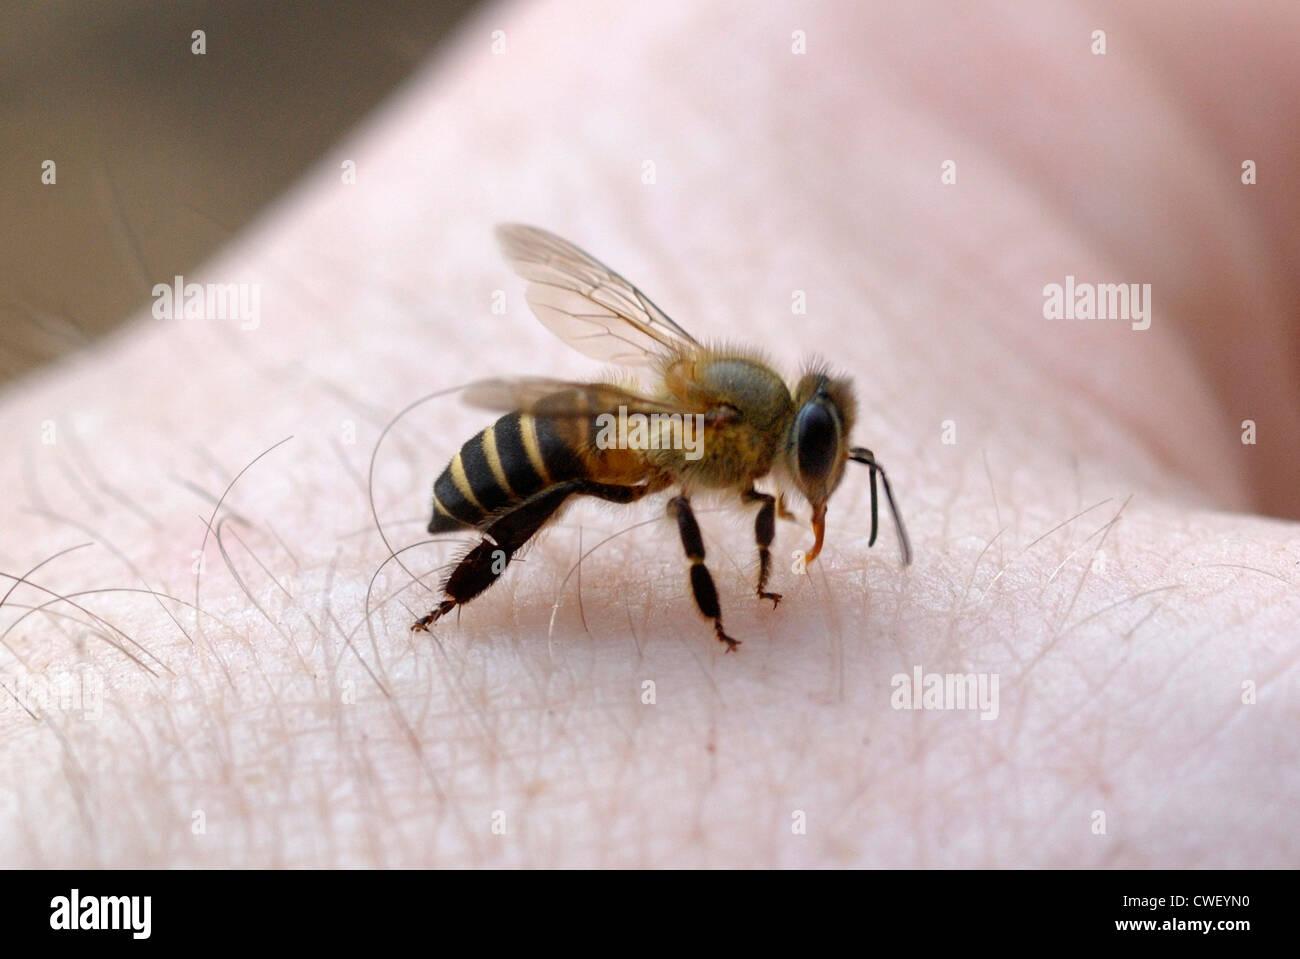 Schwitzen Sie Biene (Meliponine SP.) trinken Schweiß aus der Fotografen-Hand in einem thailändischen Regenwald Stockbild